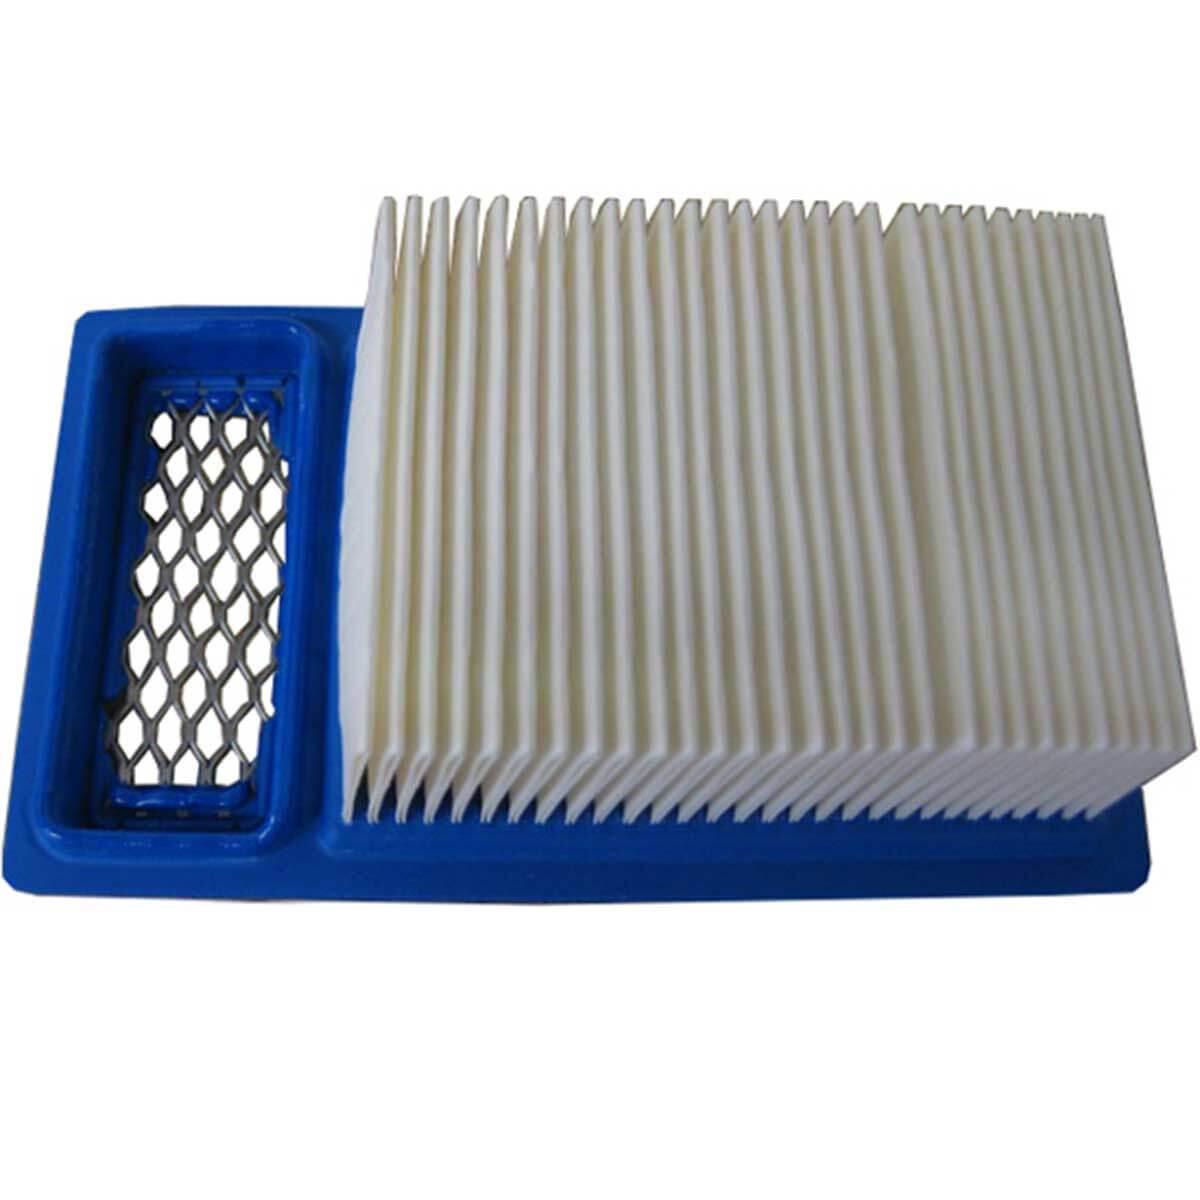 Wacker Neuson Air Filter Element